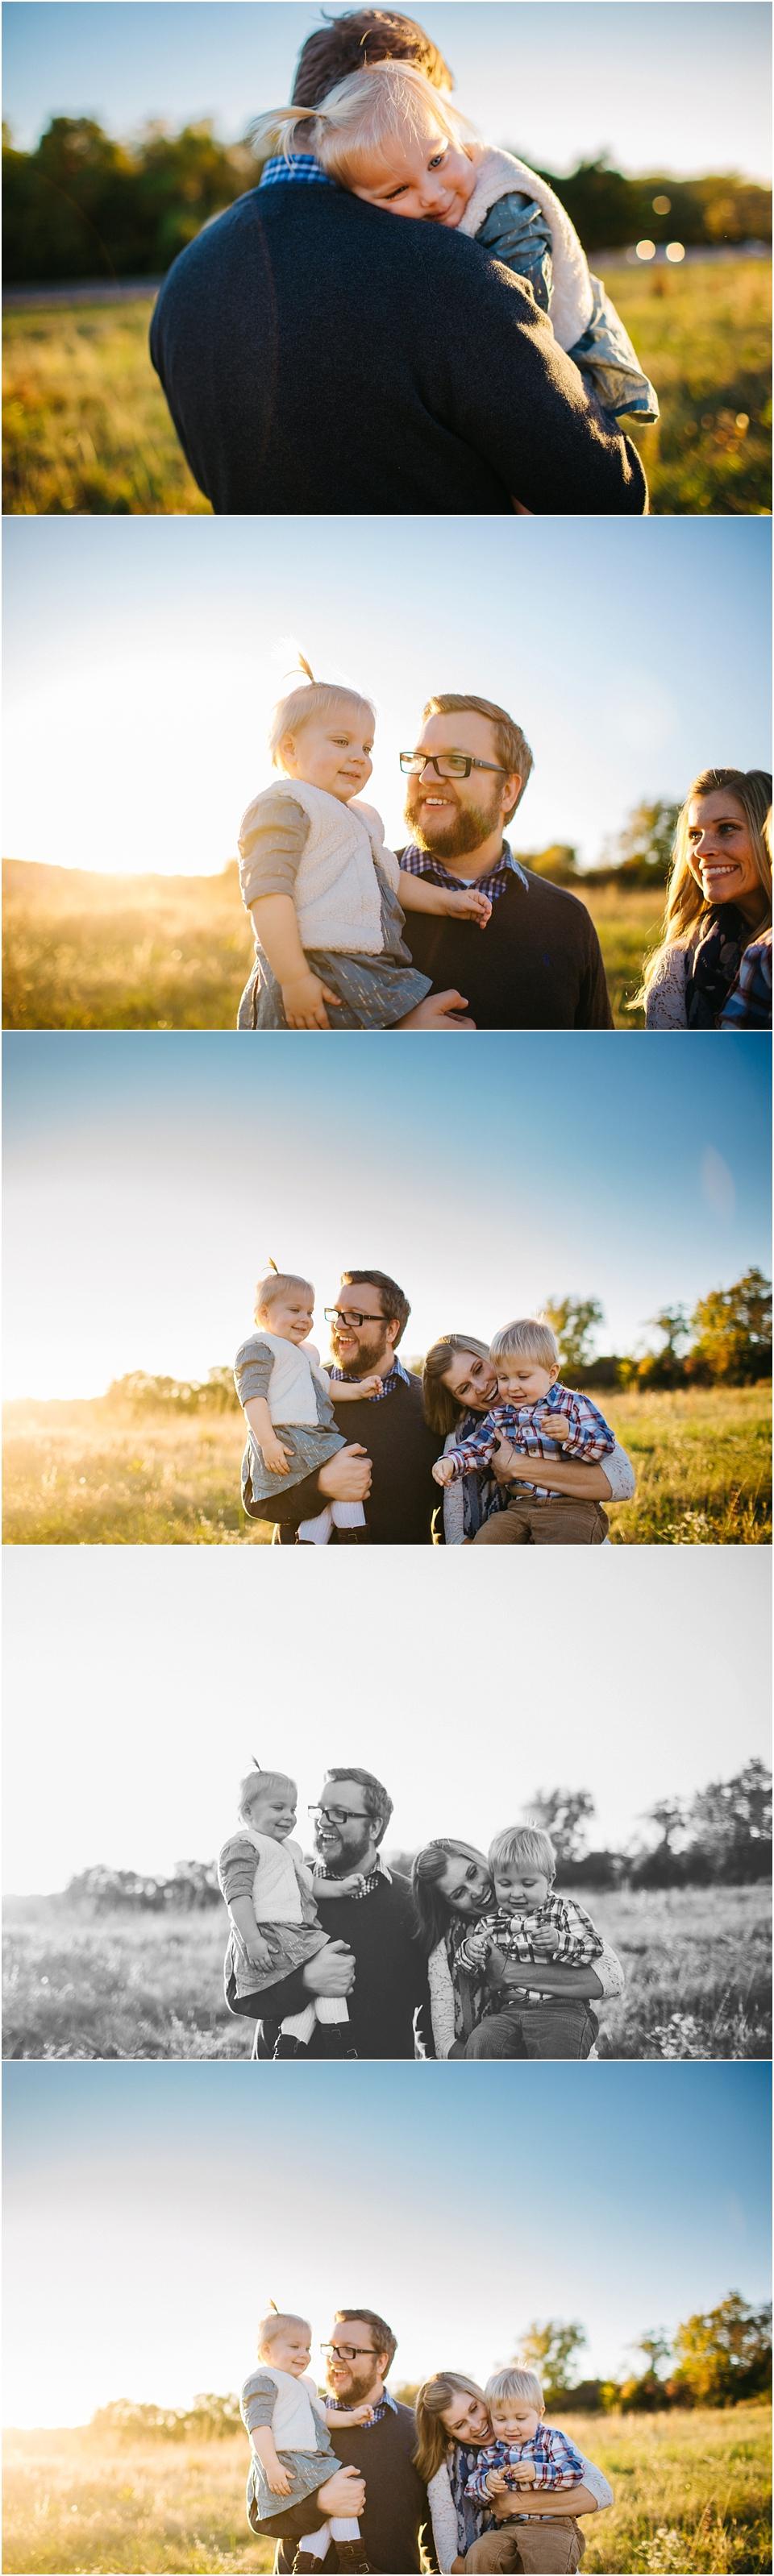 kansascitybestfamilyphotographer_0111